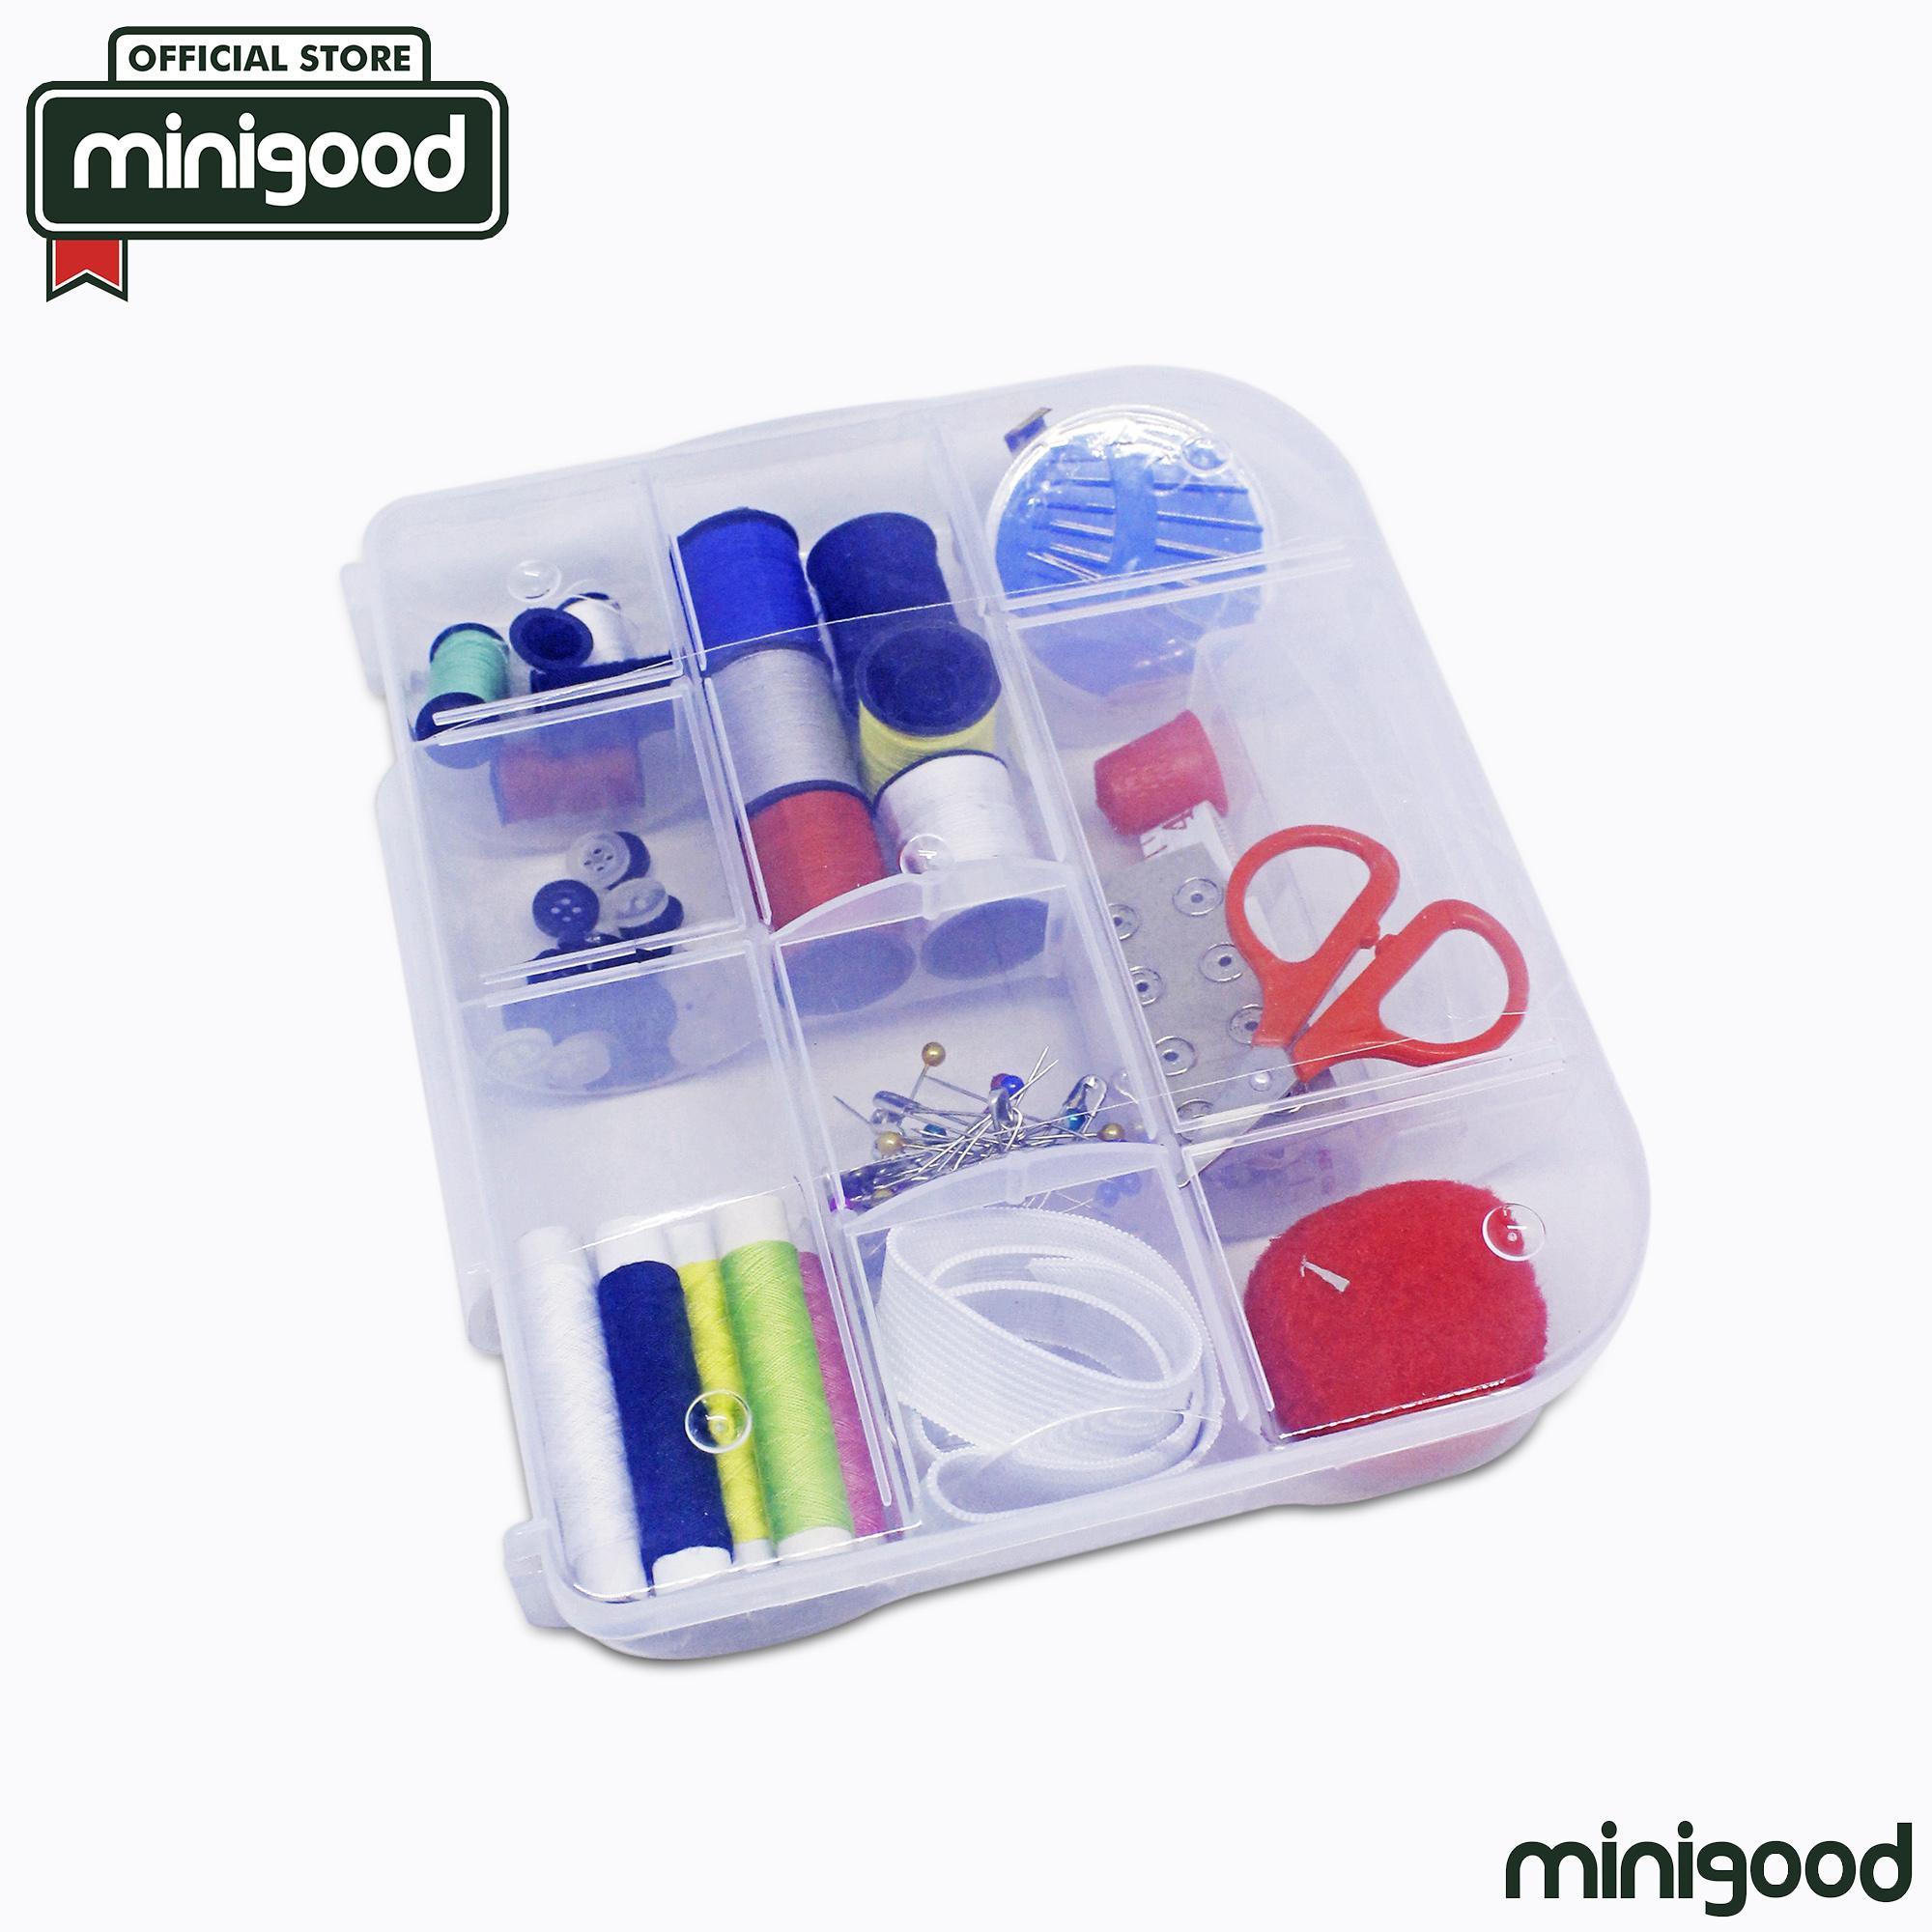 Galeri Gambar minigood sewing kit perlengkapan menjahit jarum benang kancing meteran gunting peniti bentuk kotak Lengkap